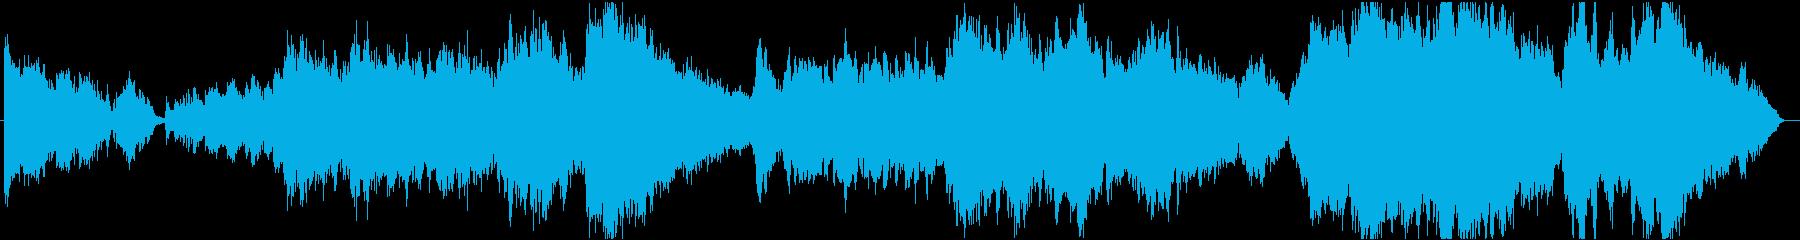 ドビュッシーとラベルのコラボレーションの再生済みの波形